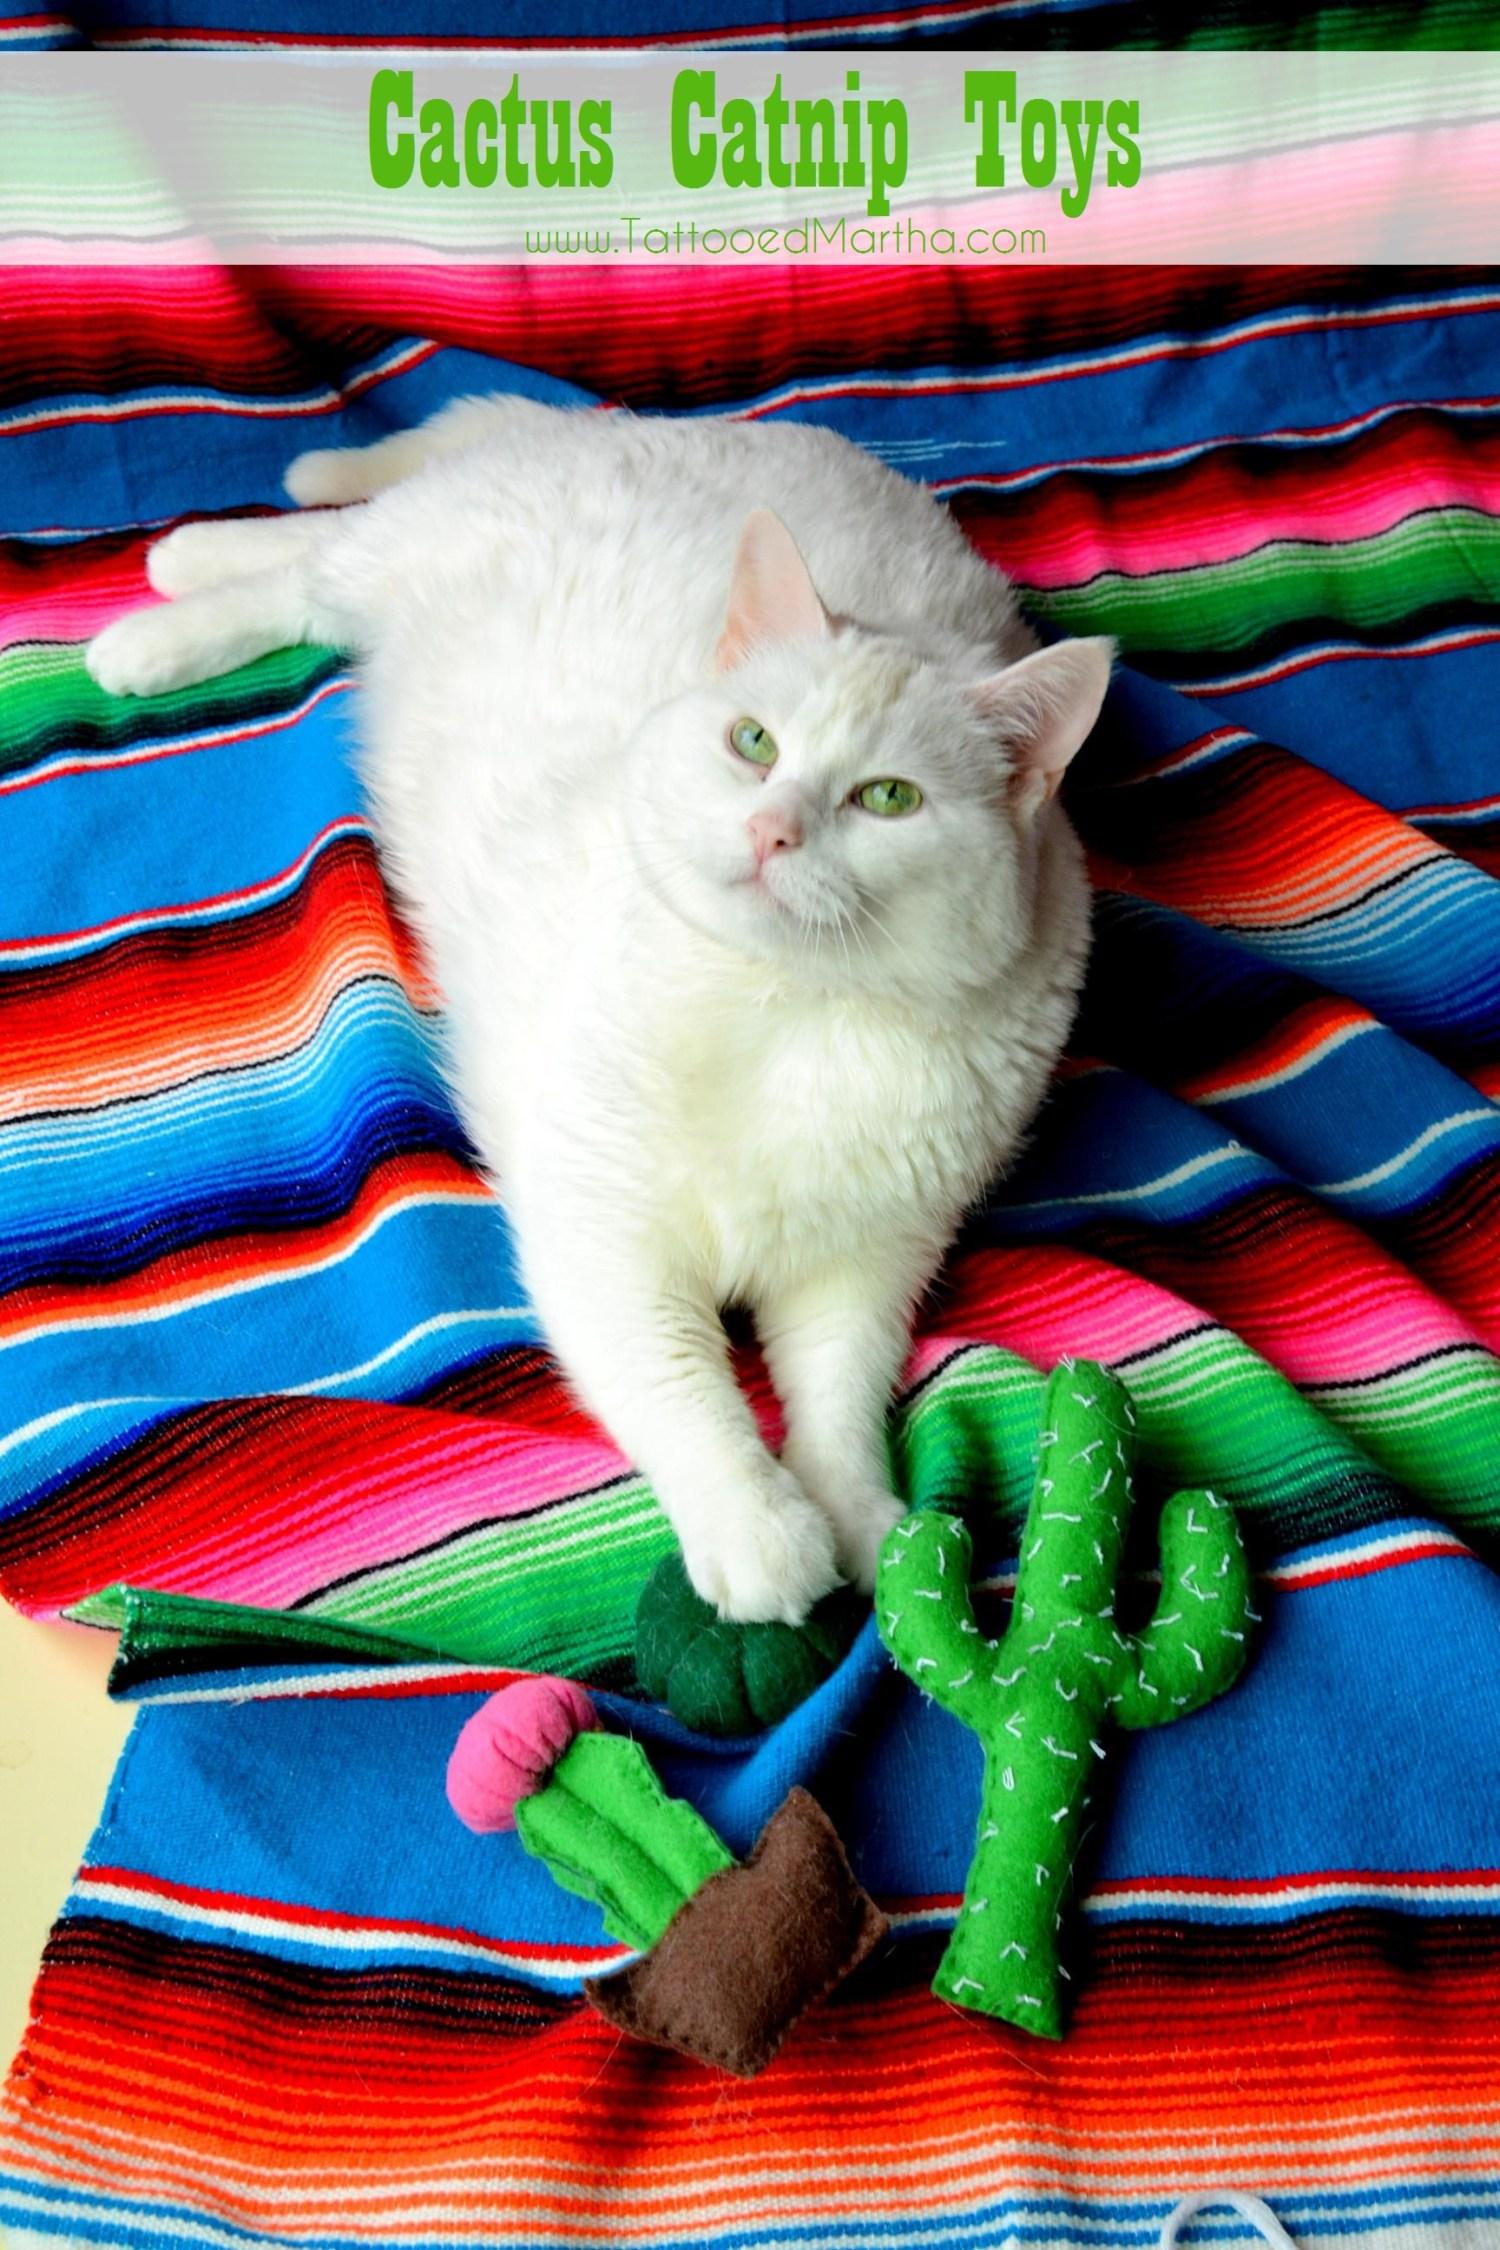 Cactus Catnip Toys